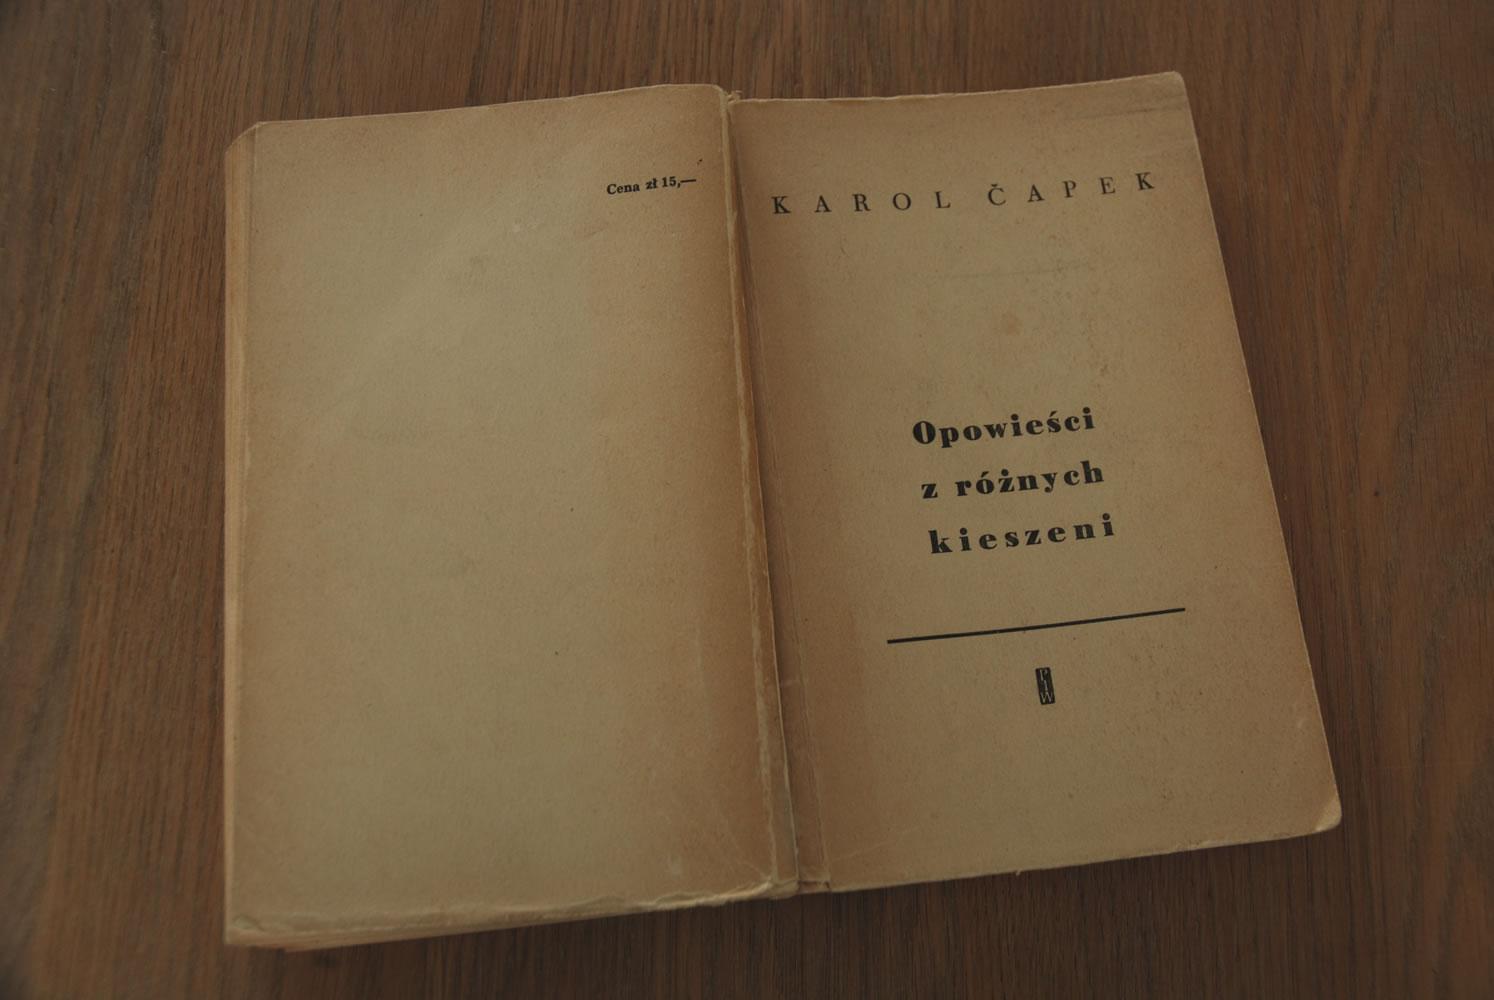 Karol Capek - Opowieści z różnych kieszeni